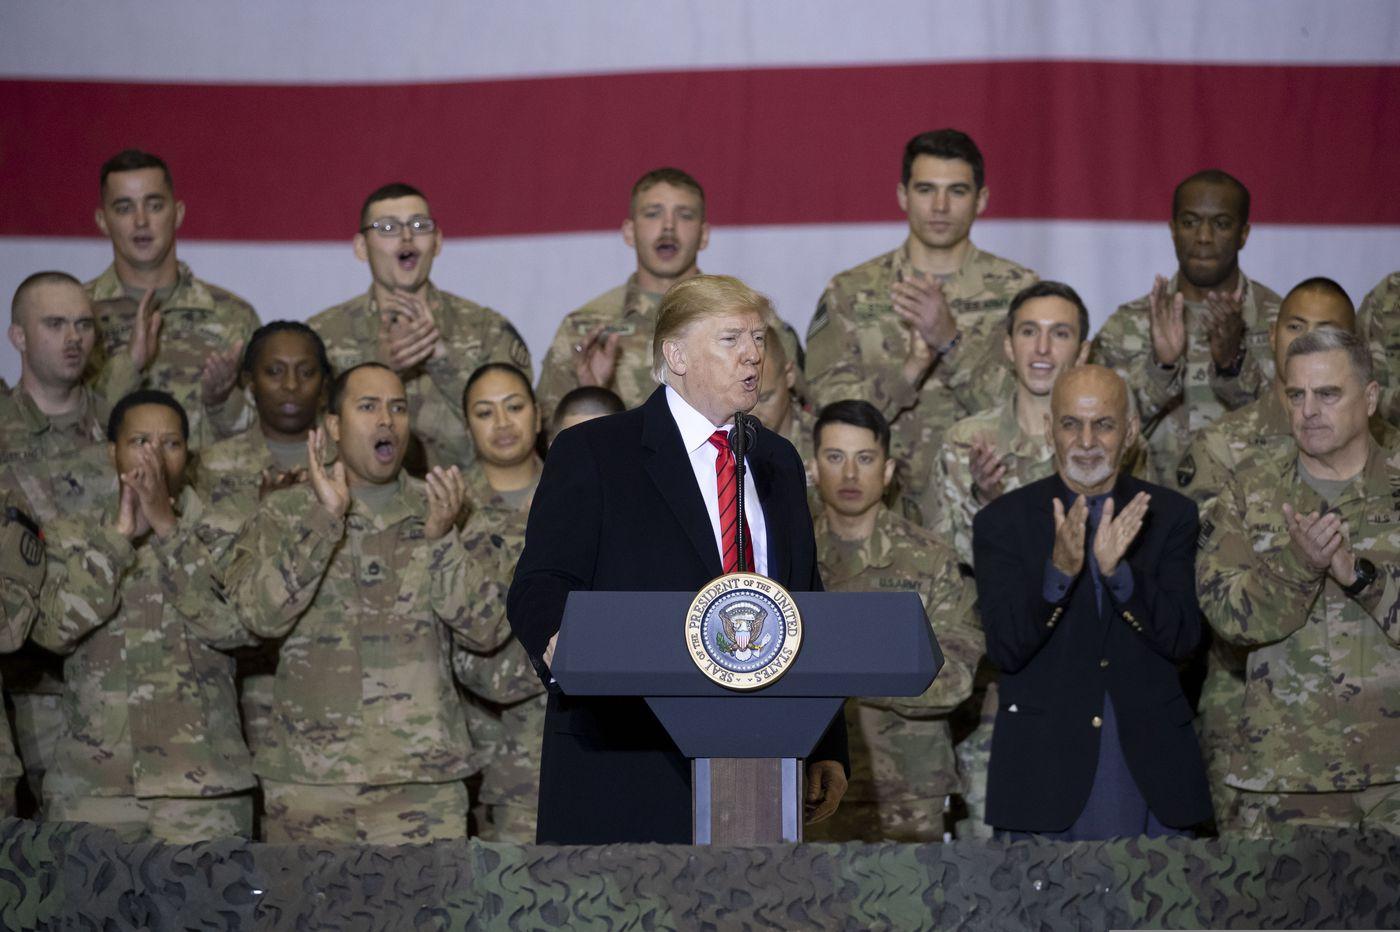 Il disamore di Trump per le forze armate